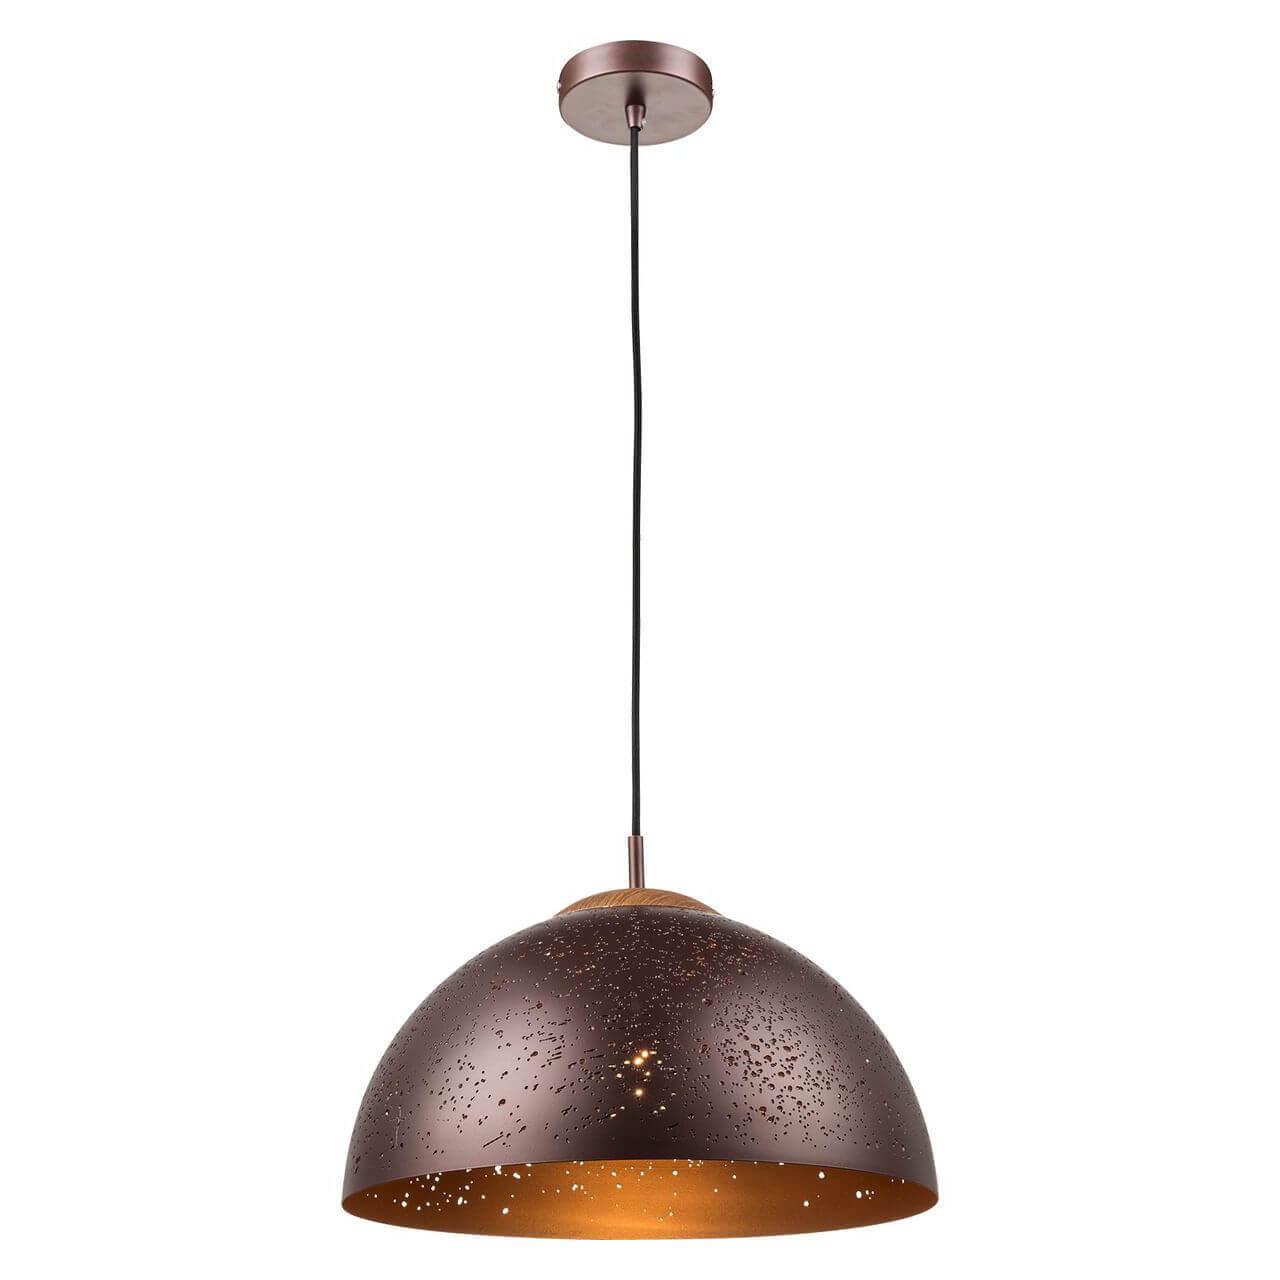 Подвесной светильник Globo Tamor 15000 подвесной светильник globo new 6905 3 бронза